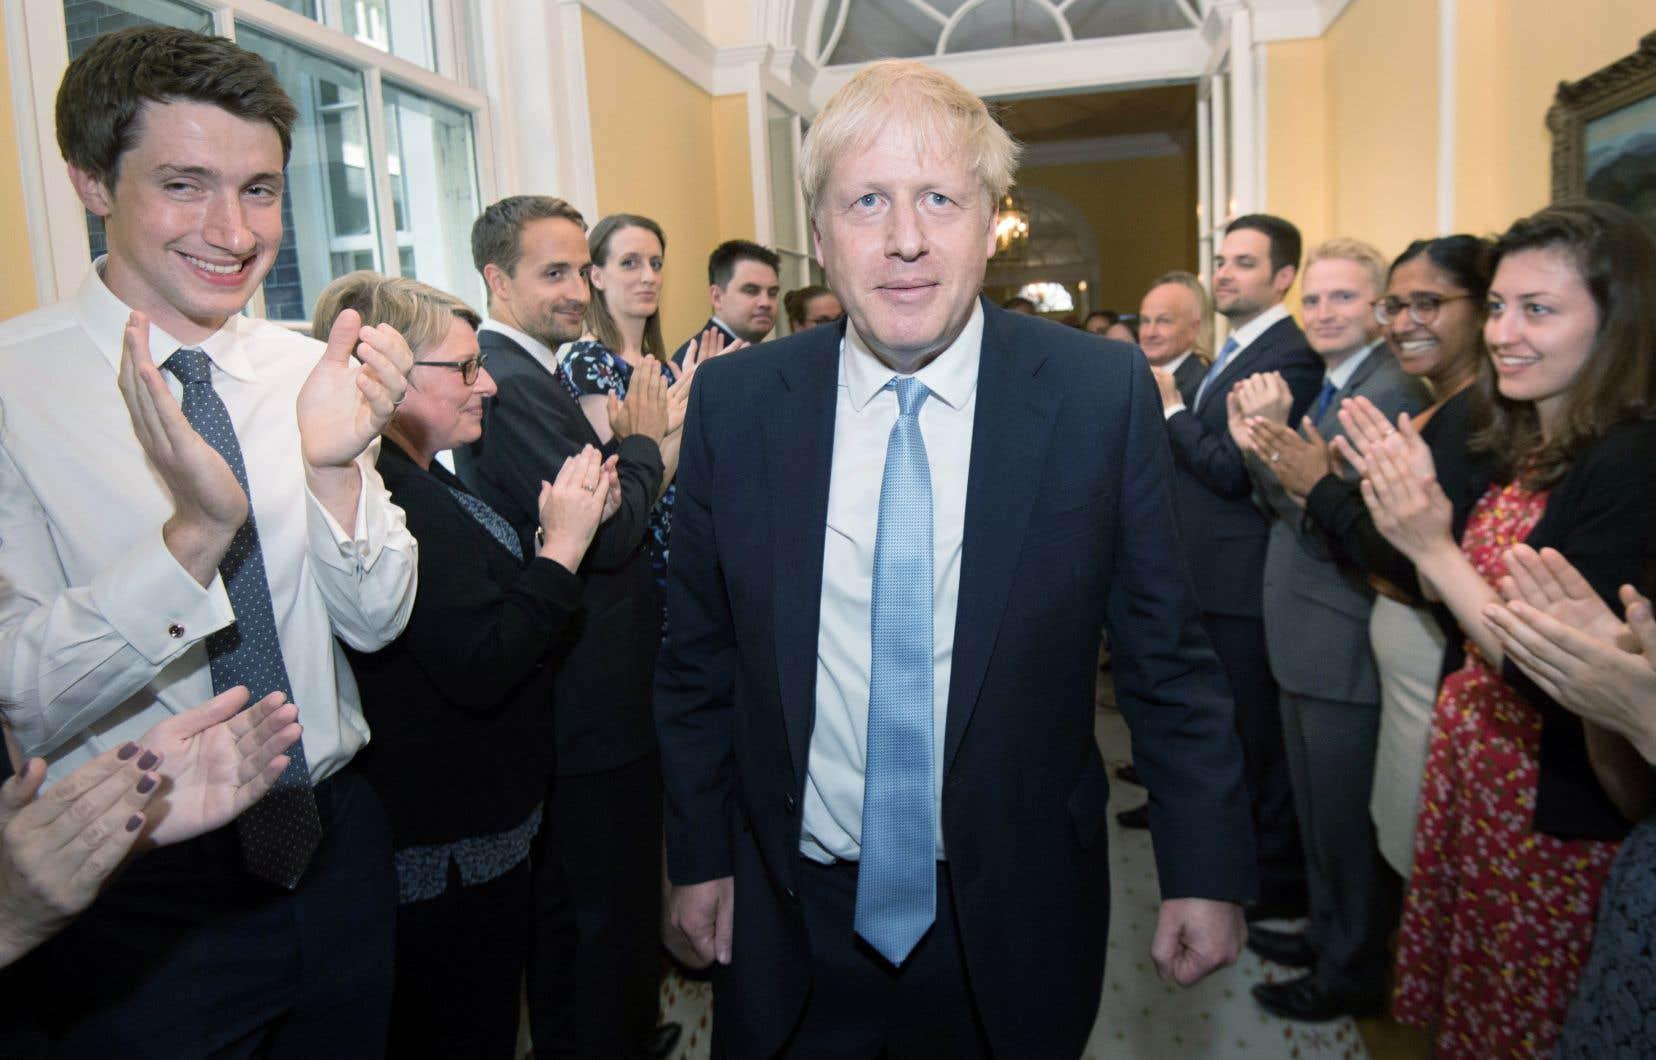 Lors de son premier discours devant le 10 Downing Street, Boris Johnson a promis de «sortir de l'UE le 31octobre, sans conditions».